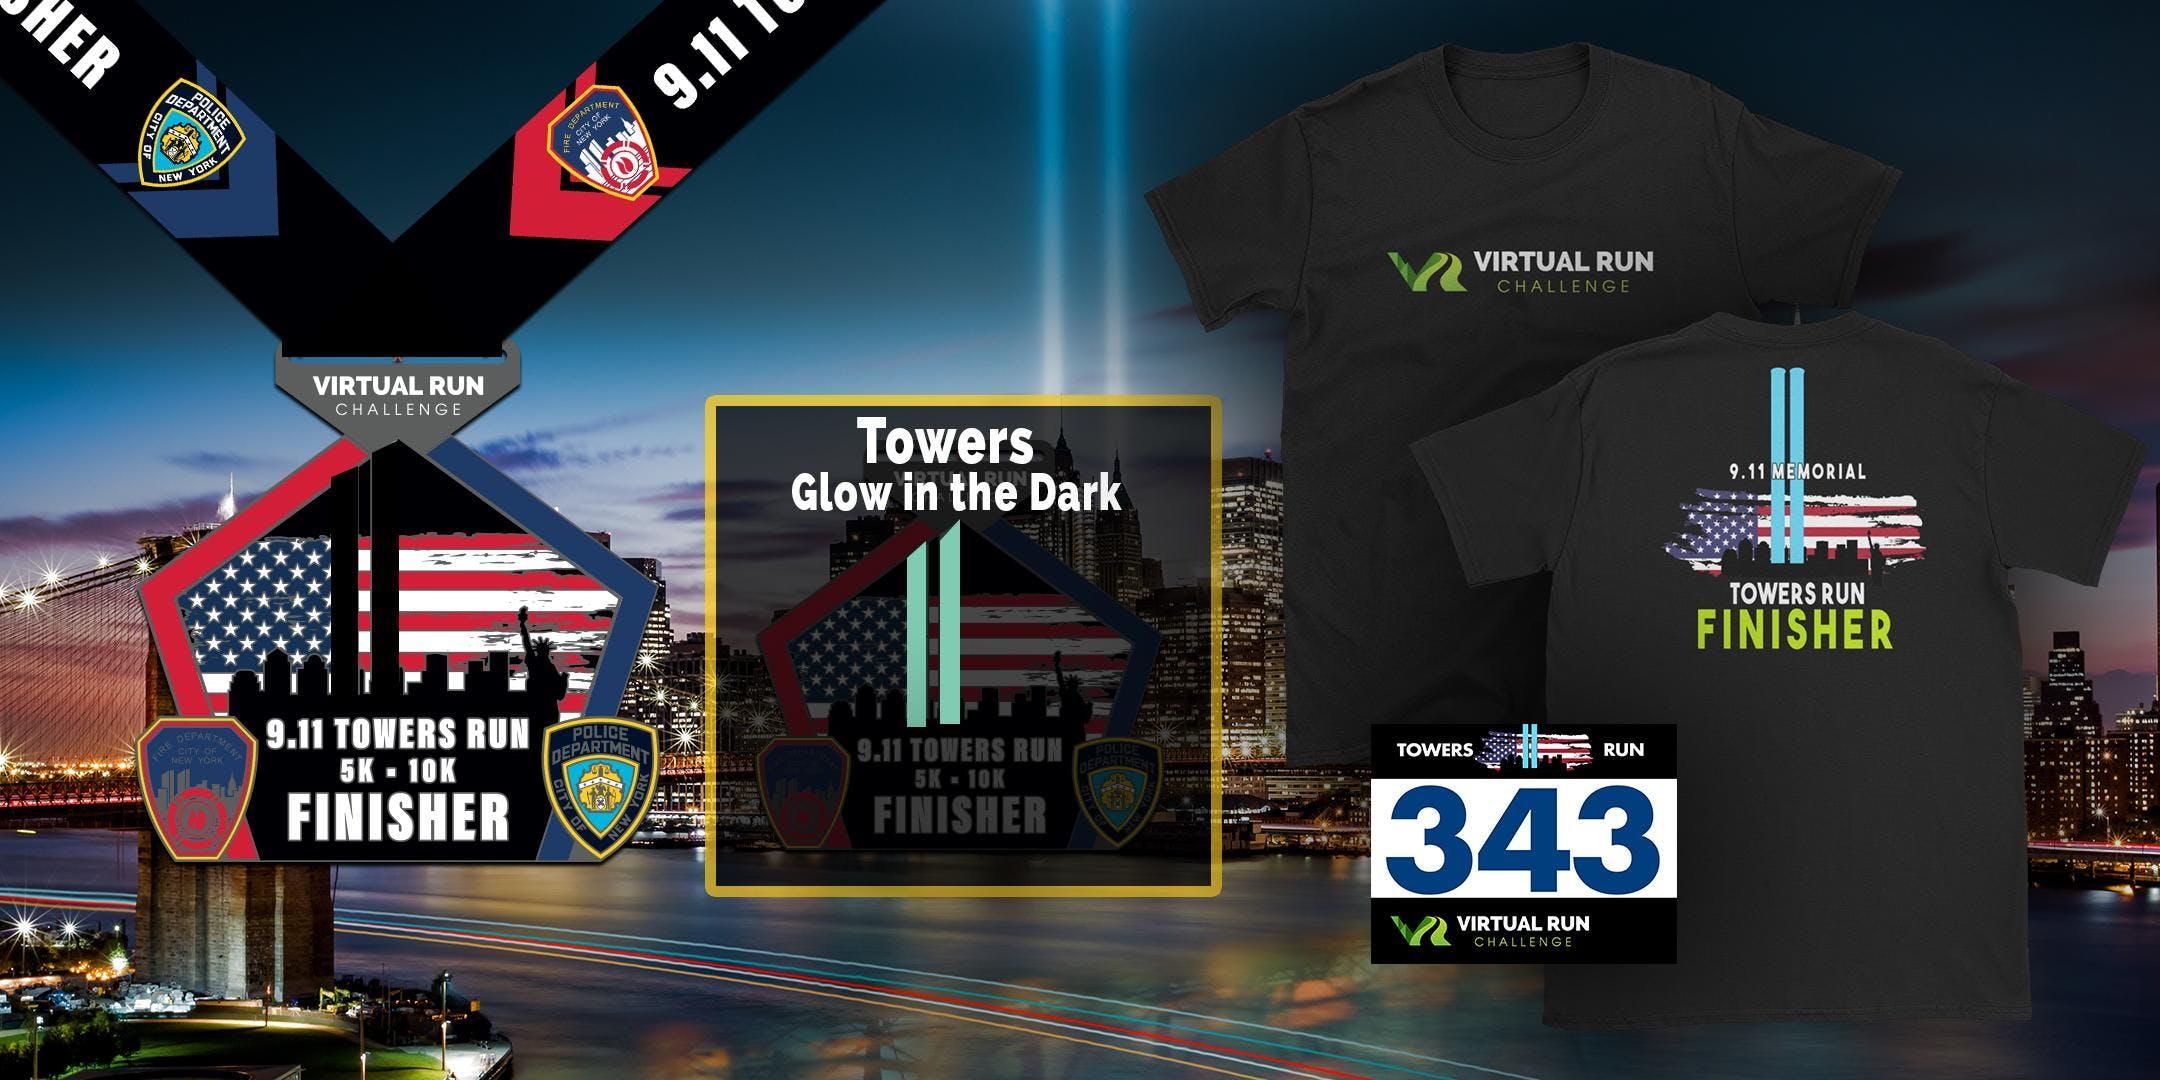 2019 - September 11th Memorial Towers Virtual Run Walk - Phoenix